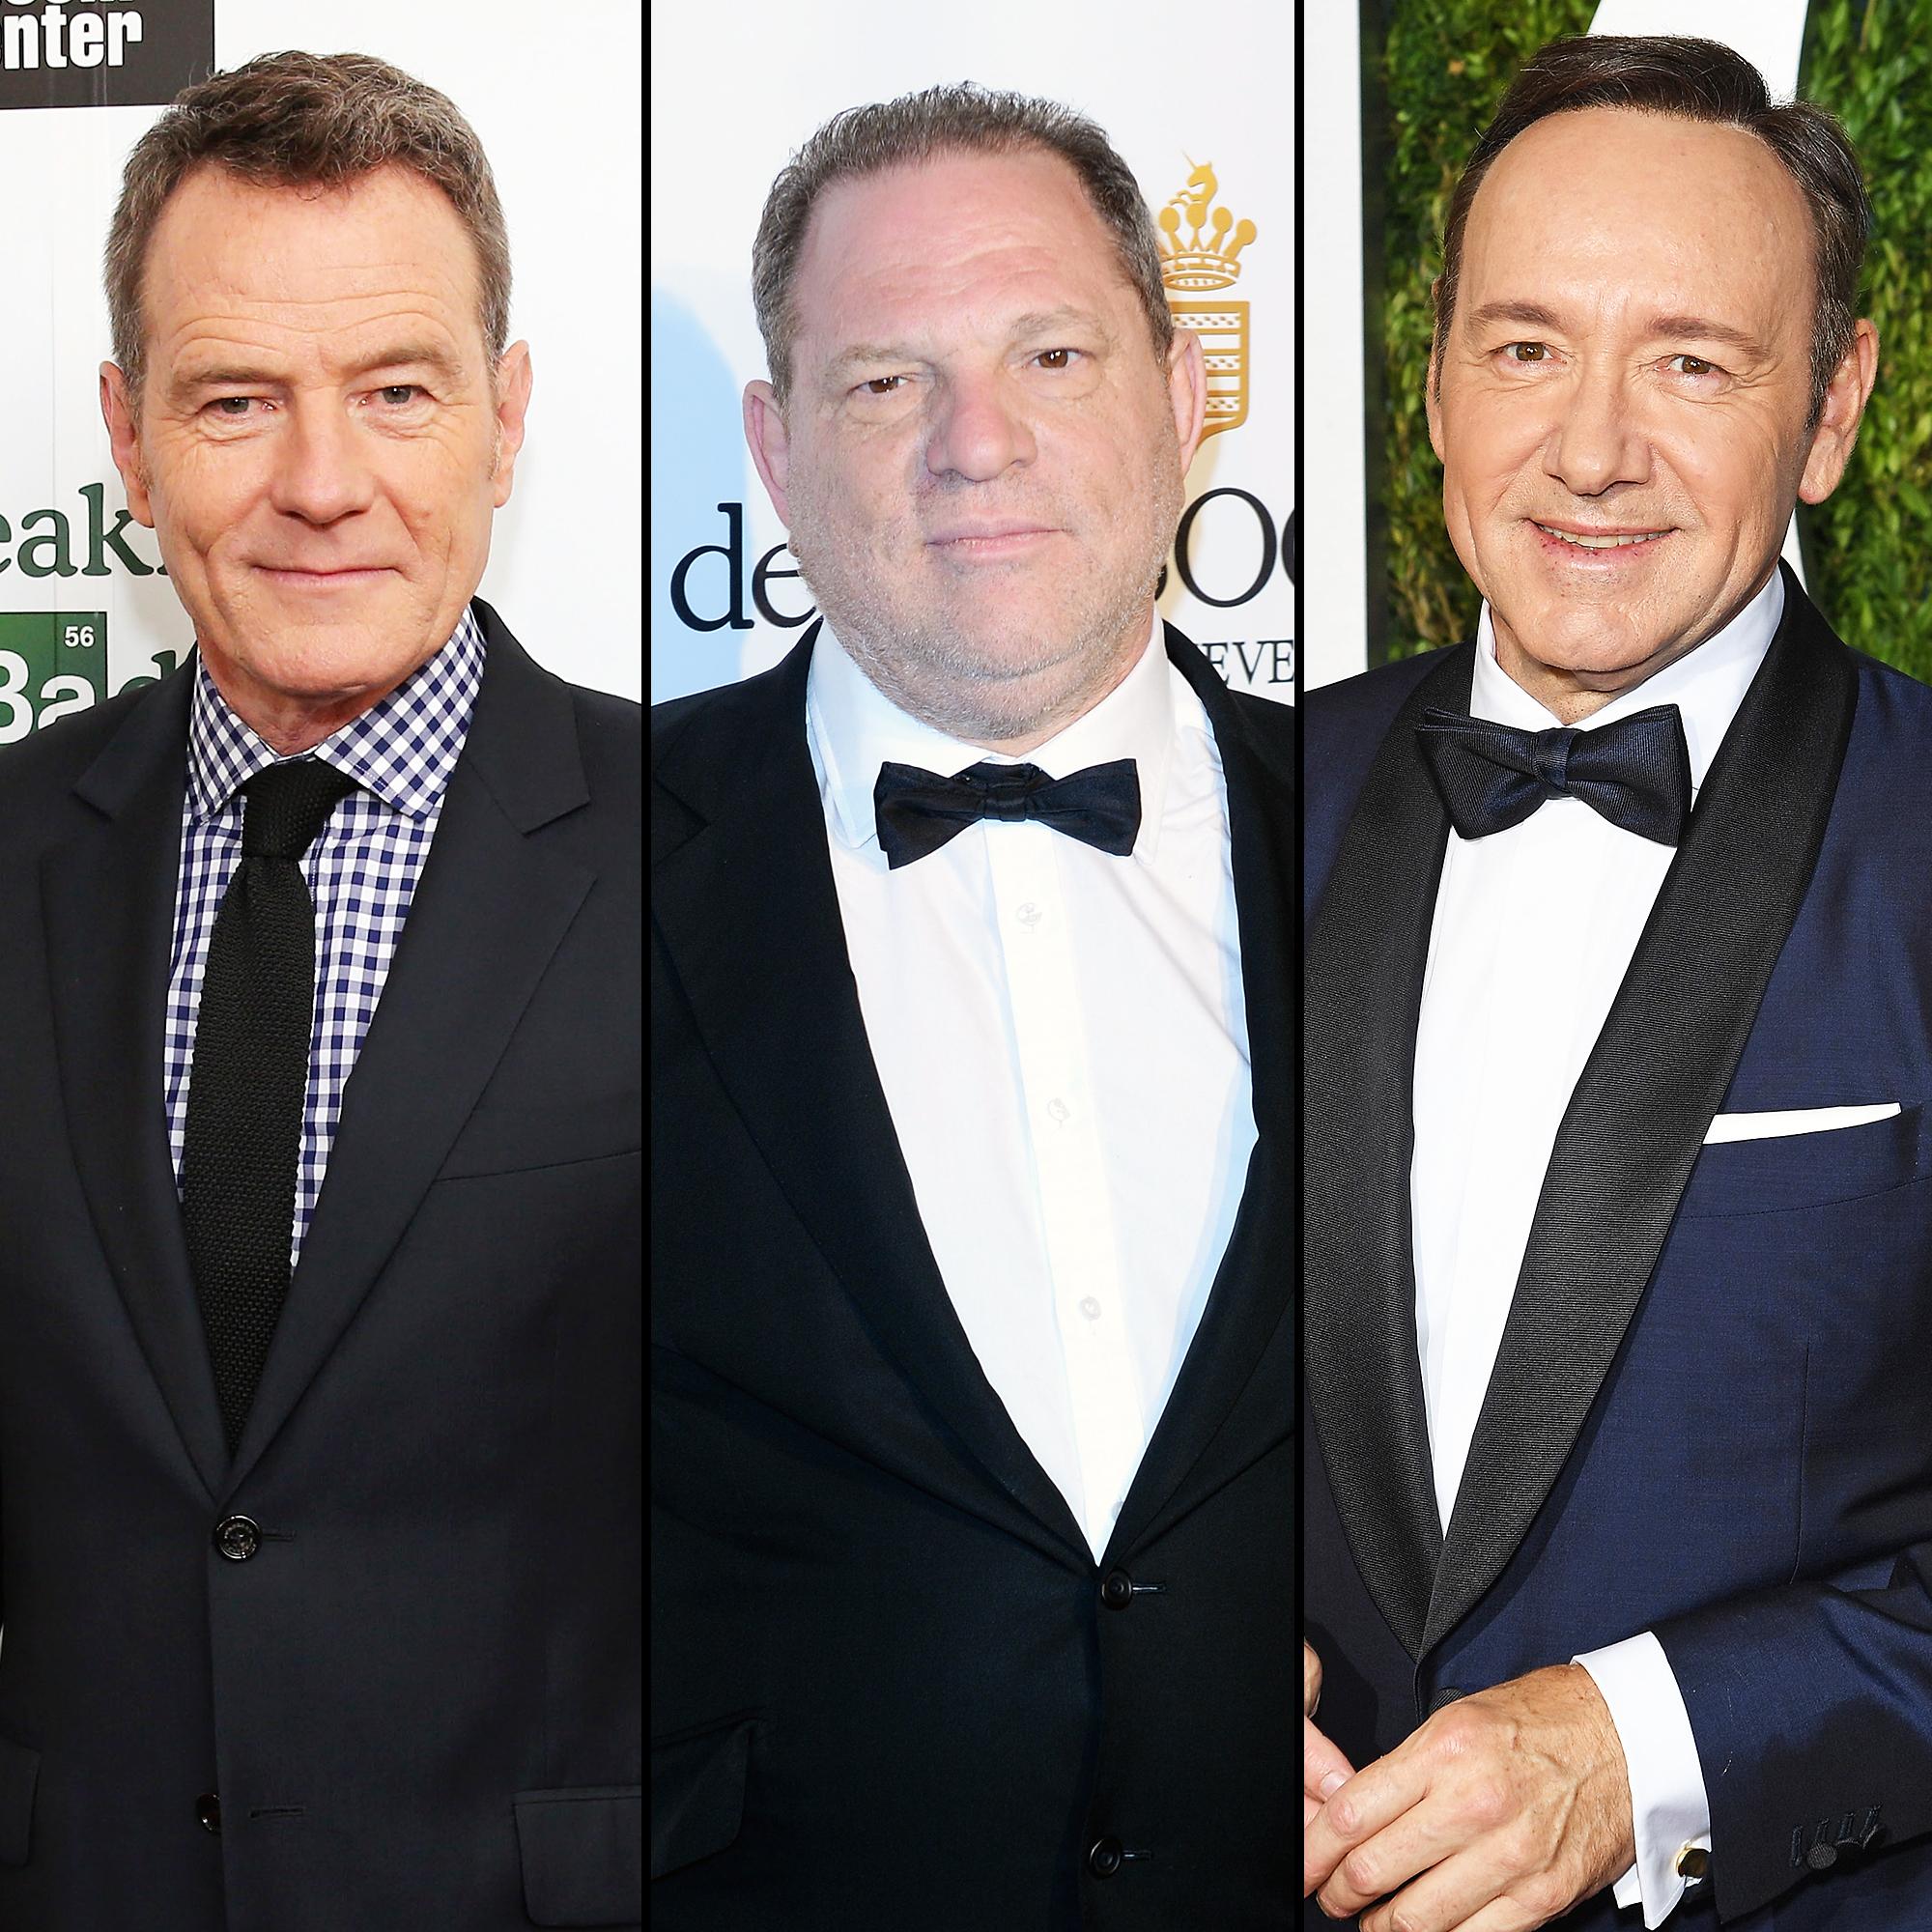 Bryan Cranston Harvey Weinstein Kevin Spacey